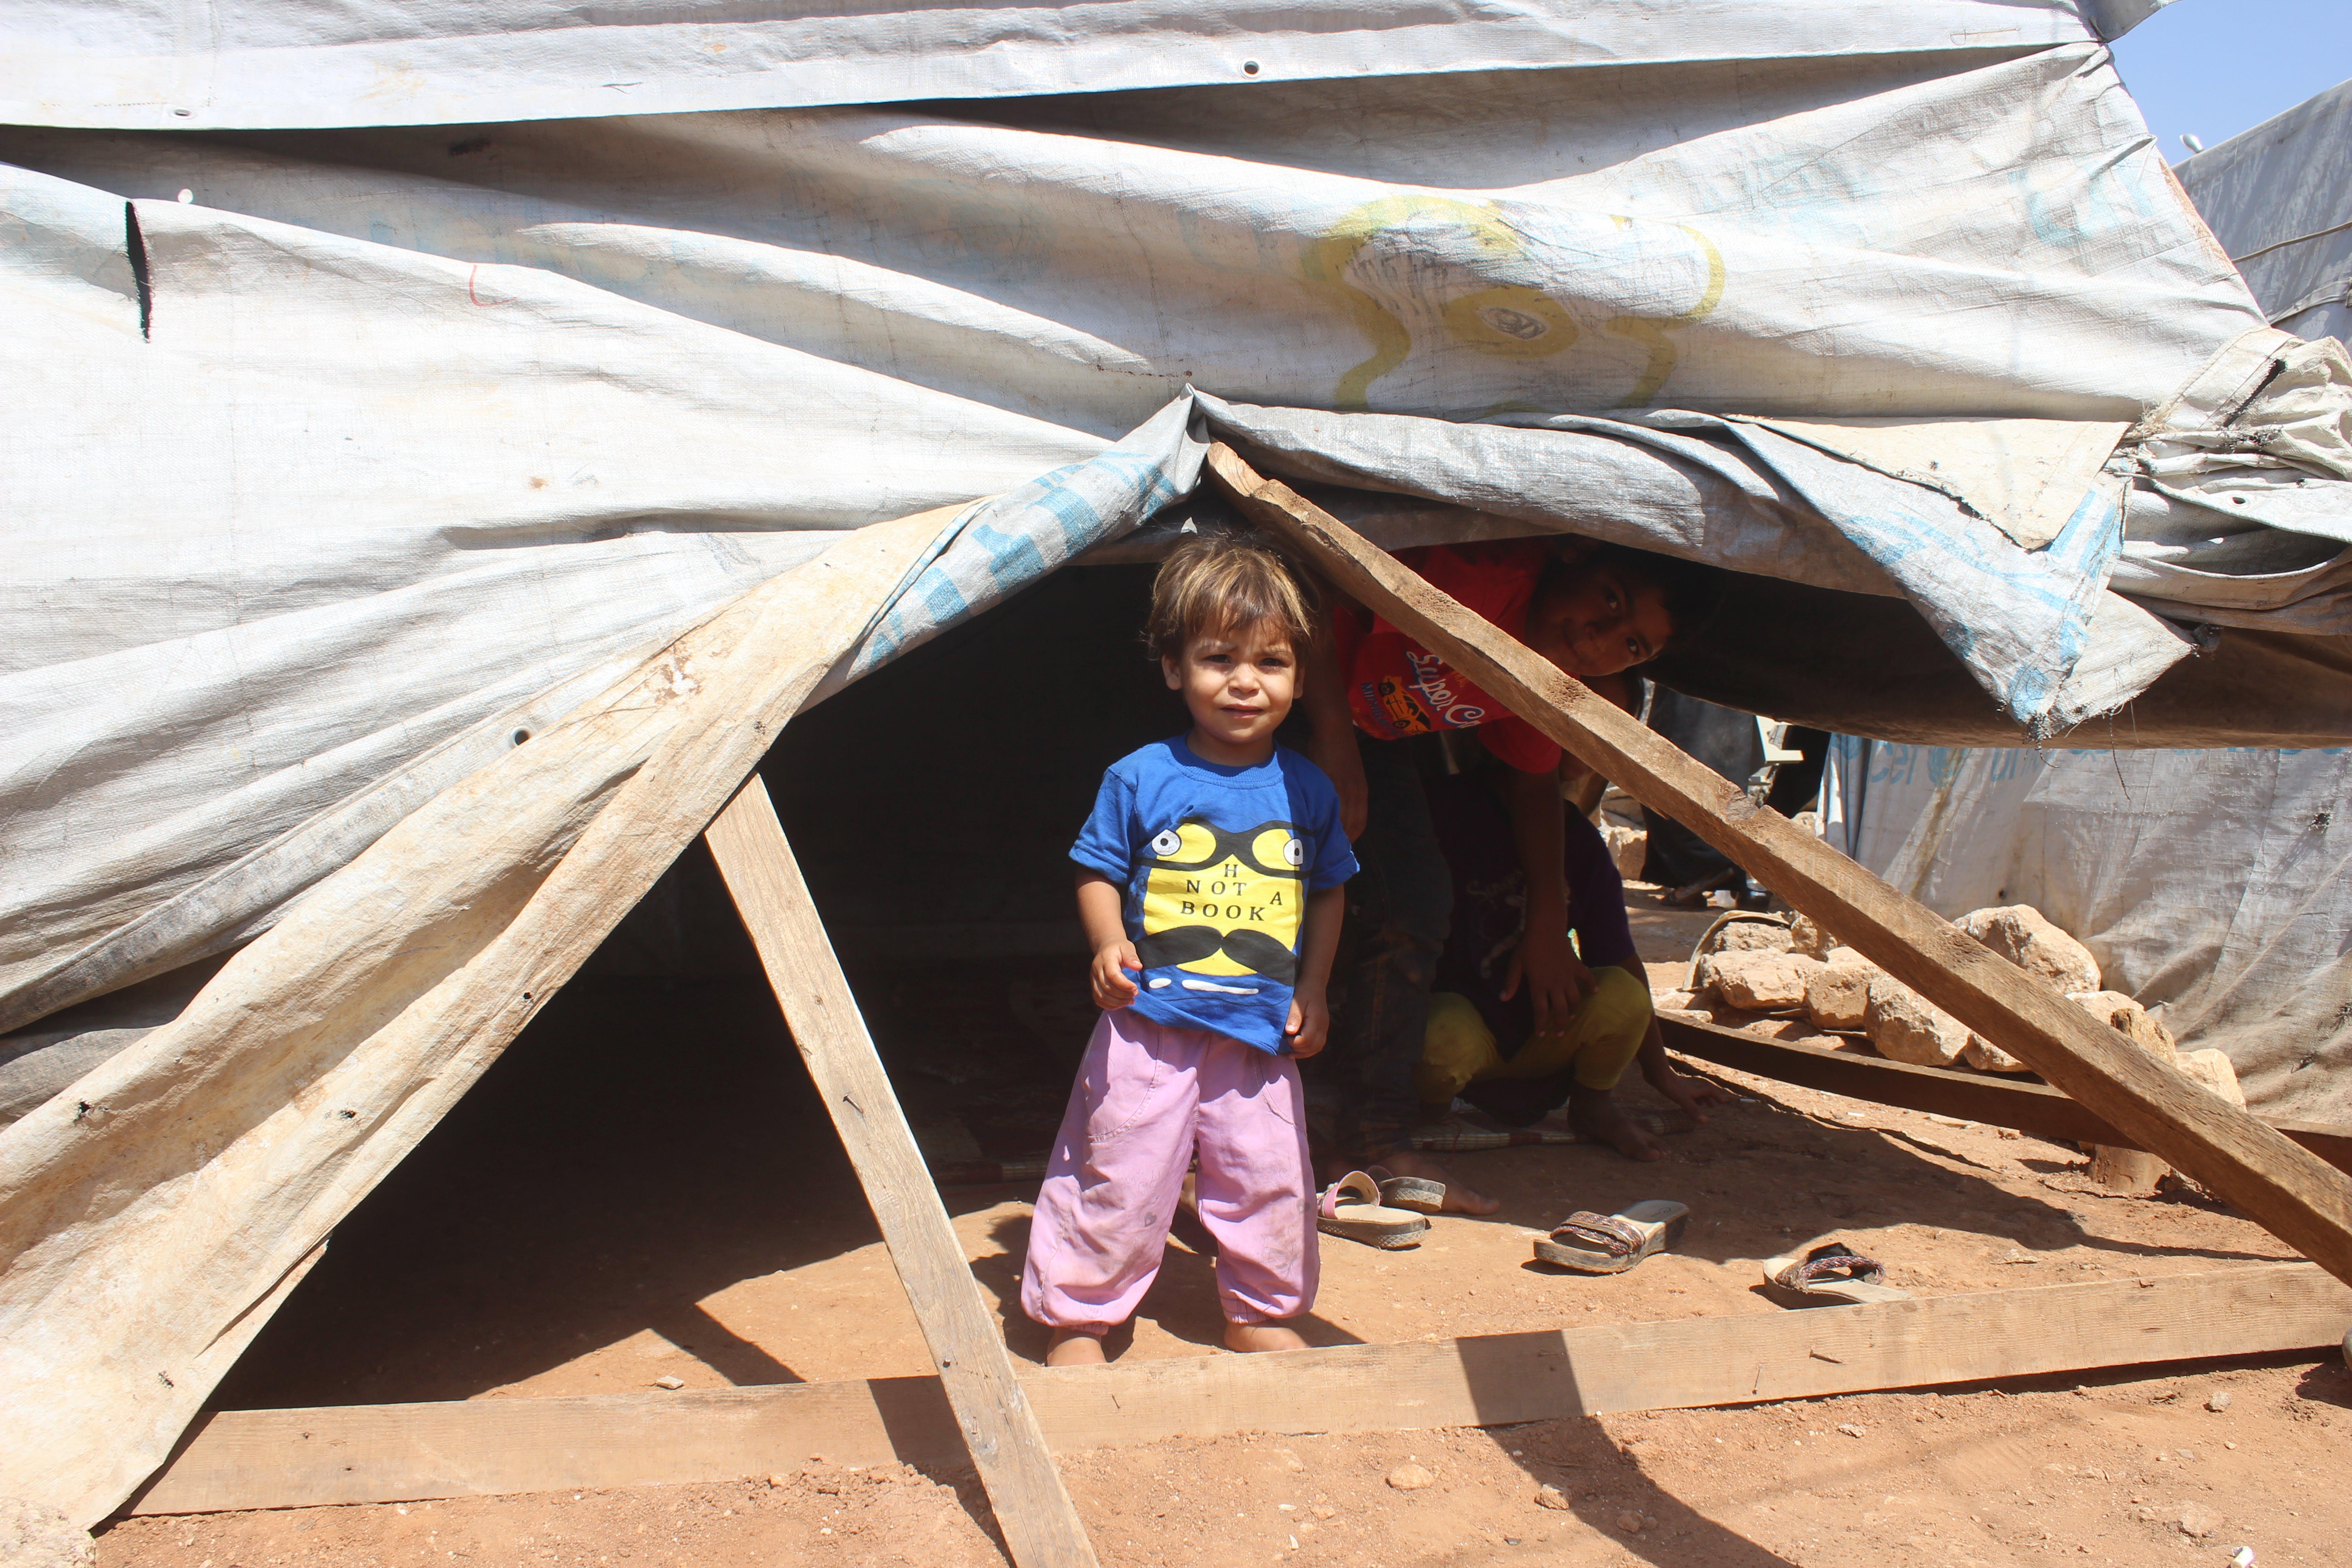 Bambino fuori dalla tenda all'interno del campo profughi Al- Hol in Siria